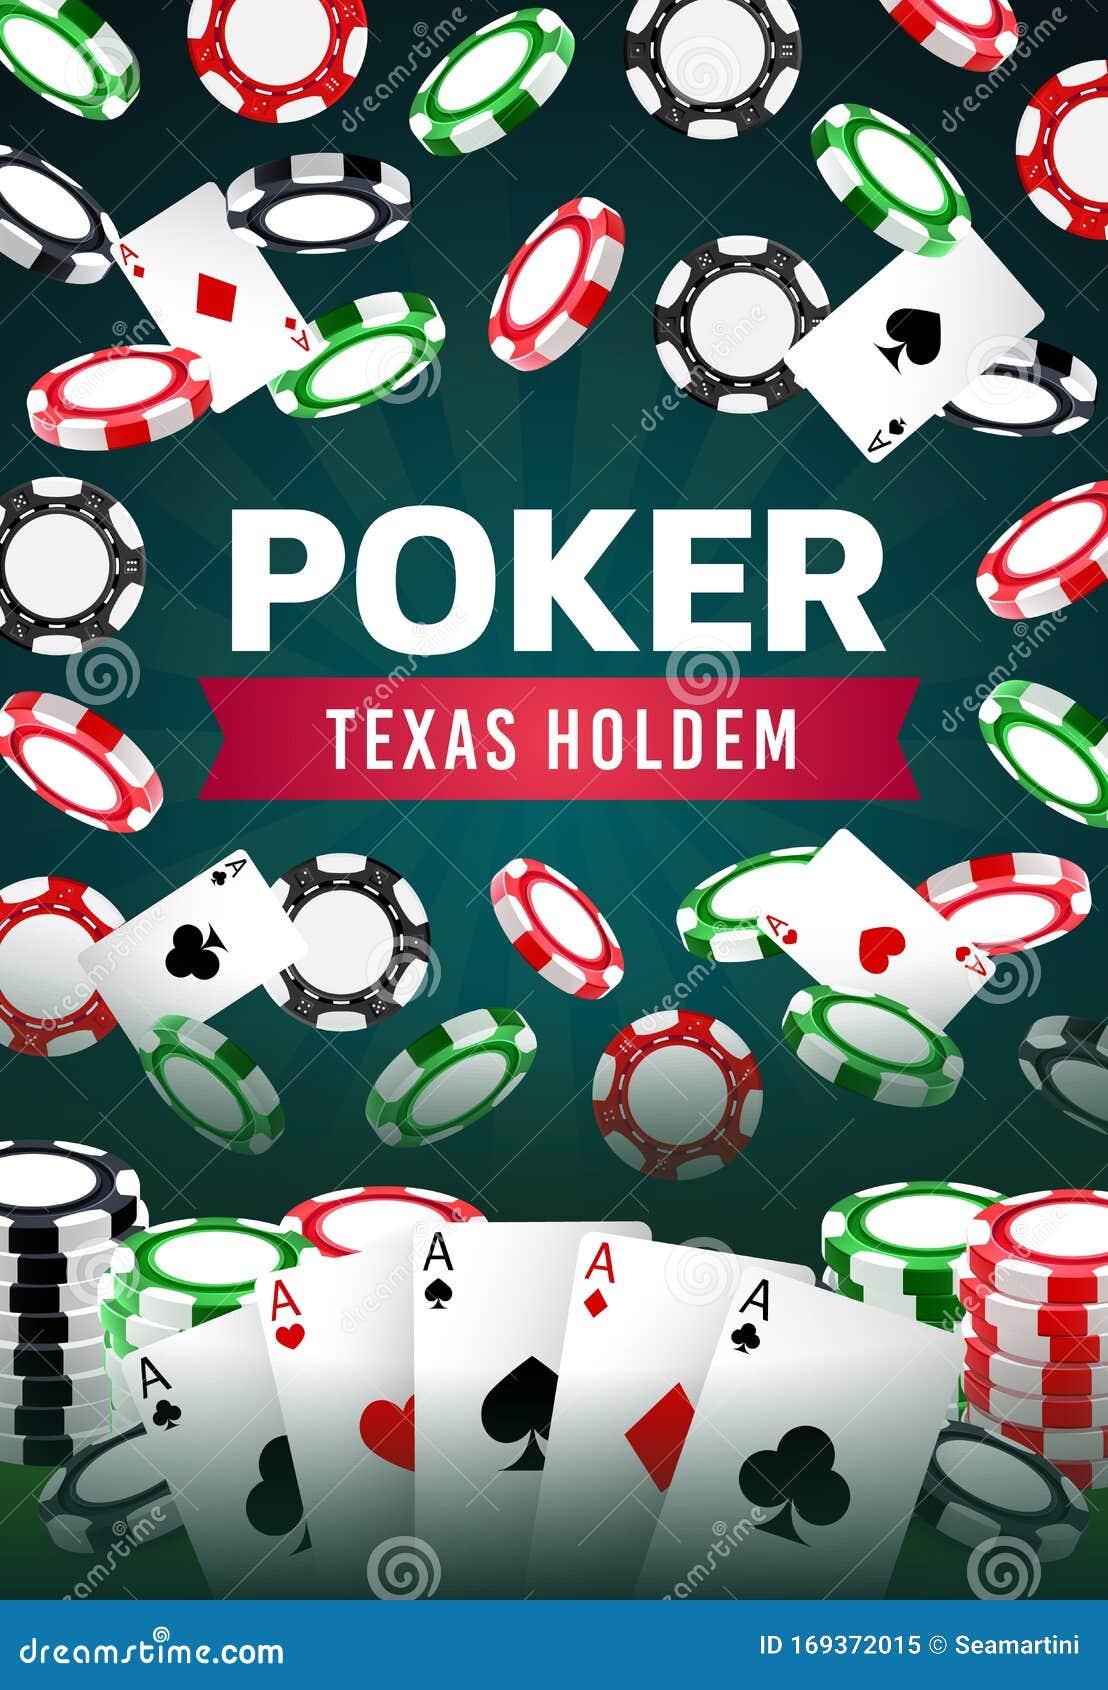 Онлайн казино техасский покер абсолютно все игровые автоматы играть бесплатно